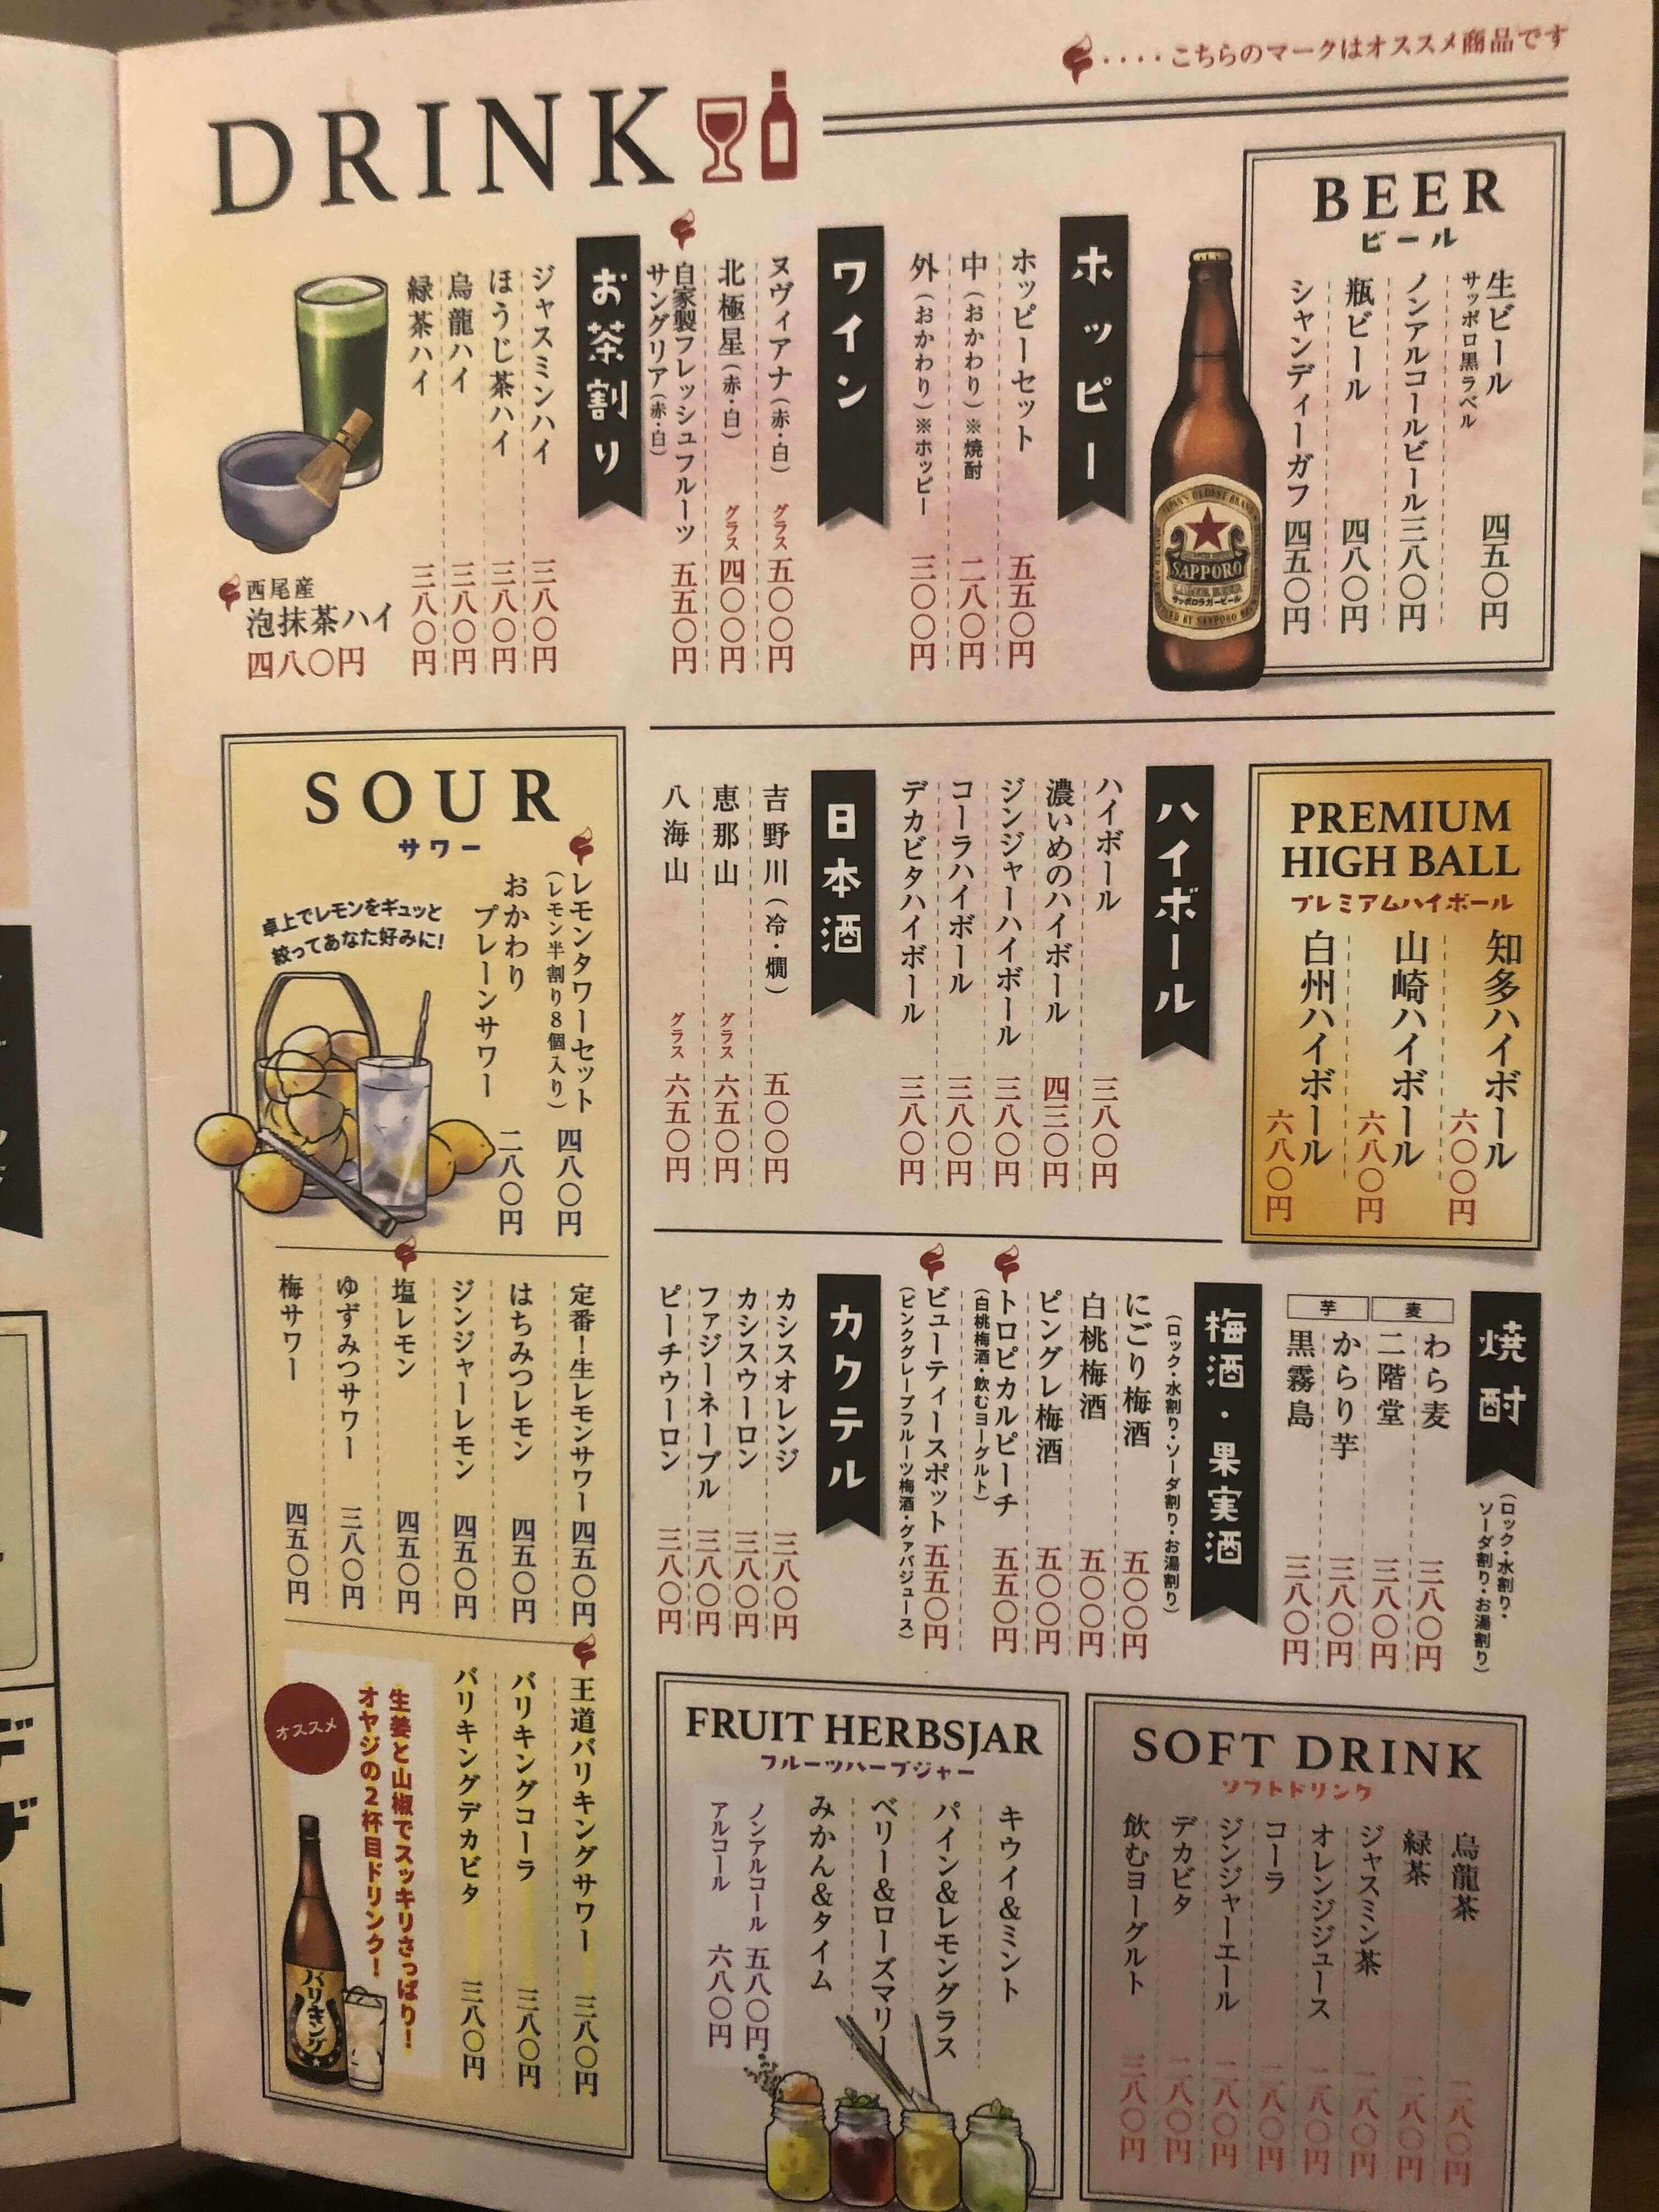 天ぷらスタンドKITSUNE ドリンク